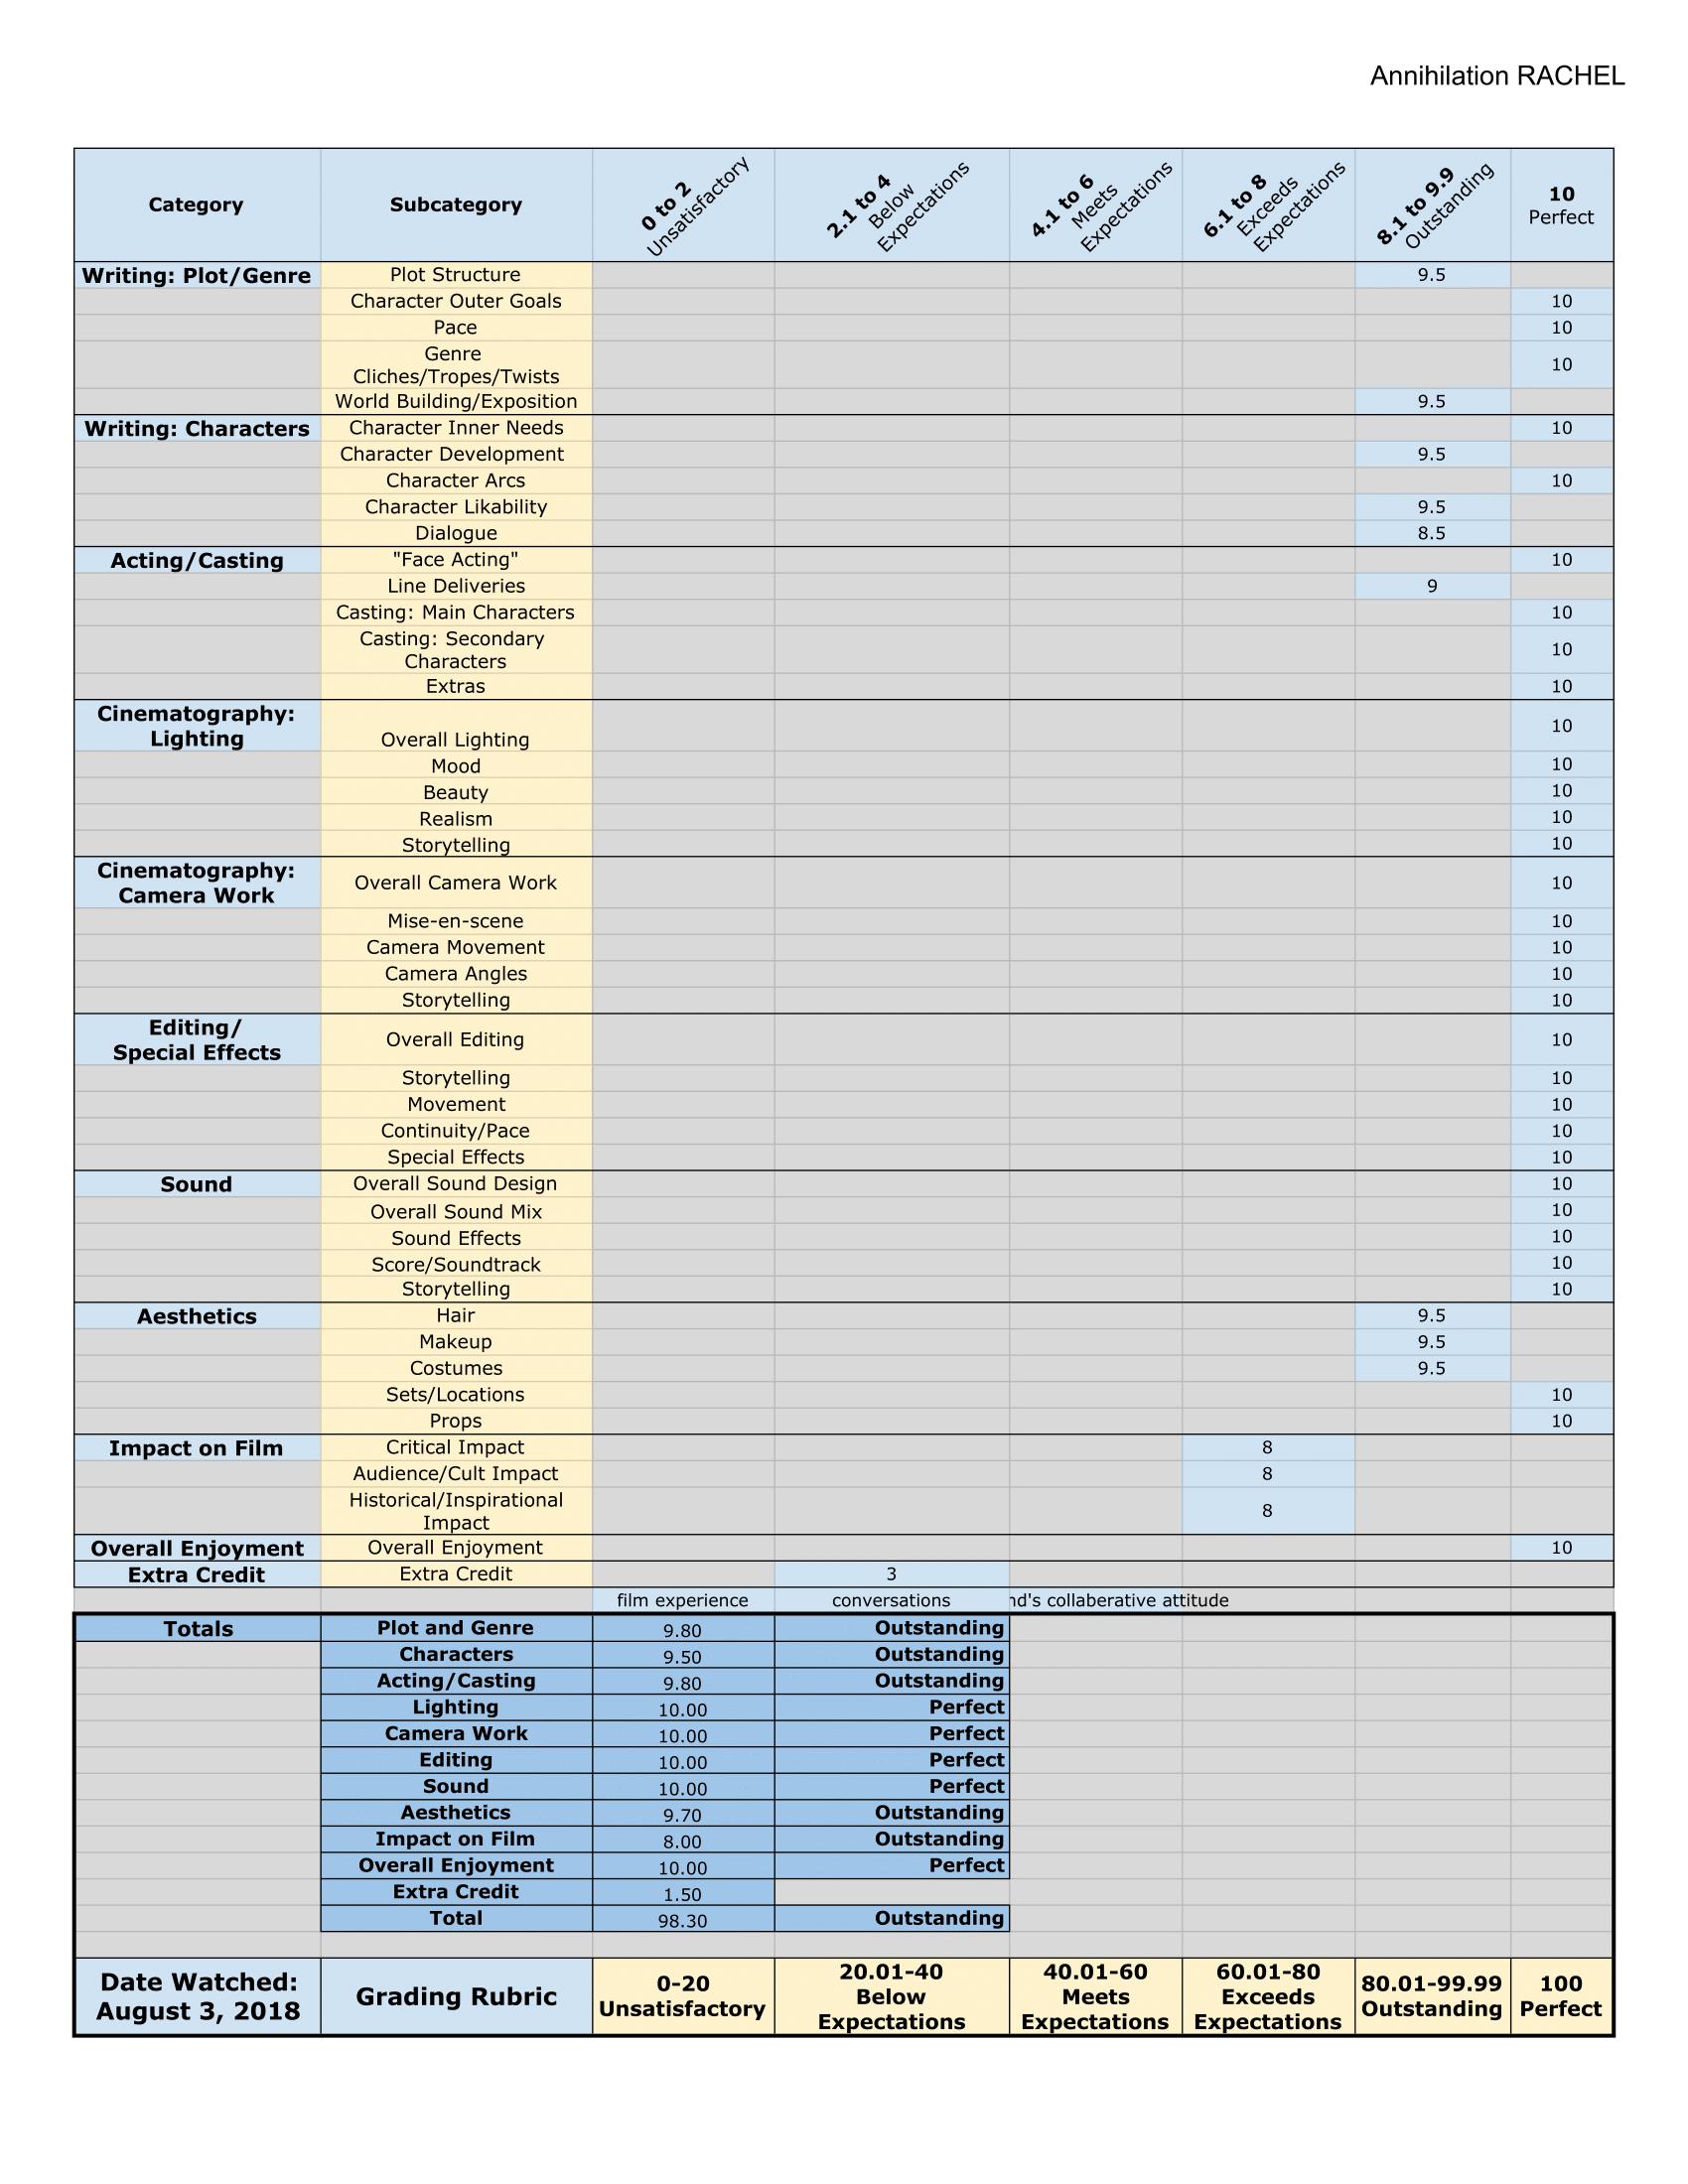 The Grid 2018 - Annihilation RACHEL-1.png